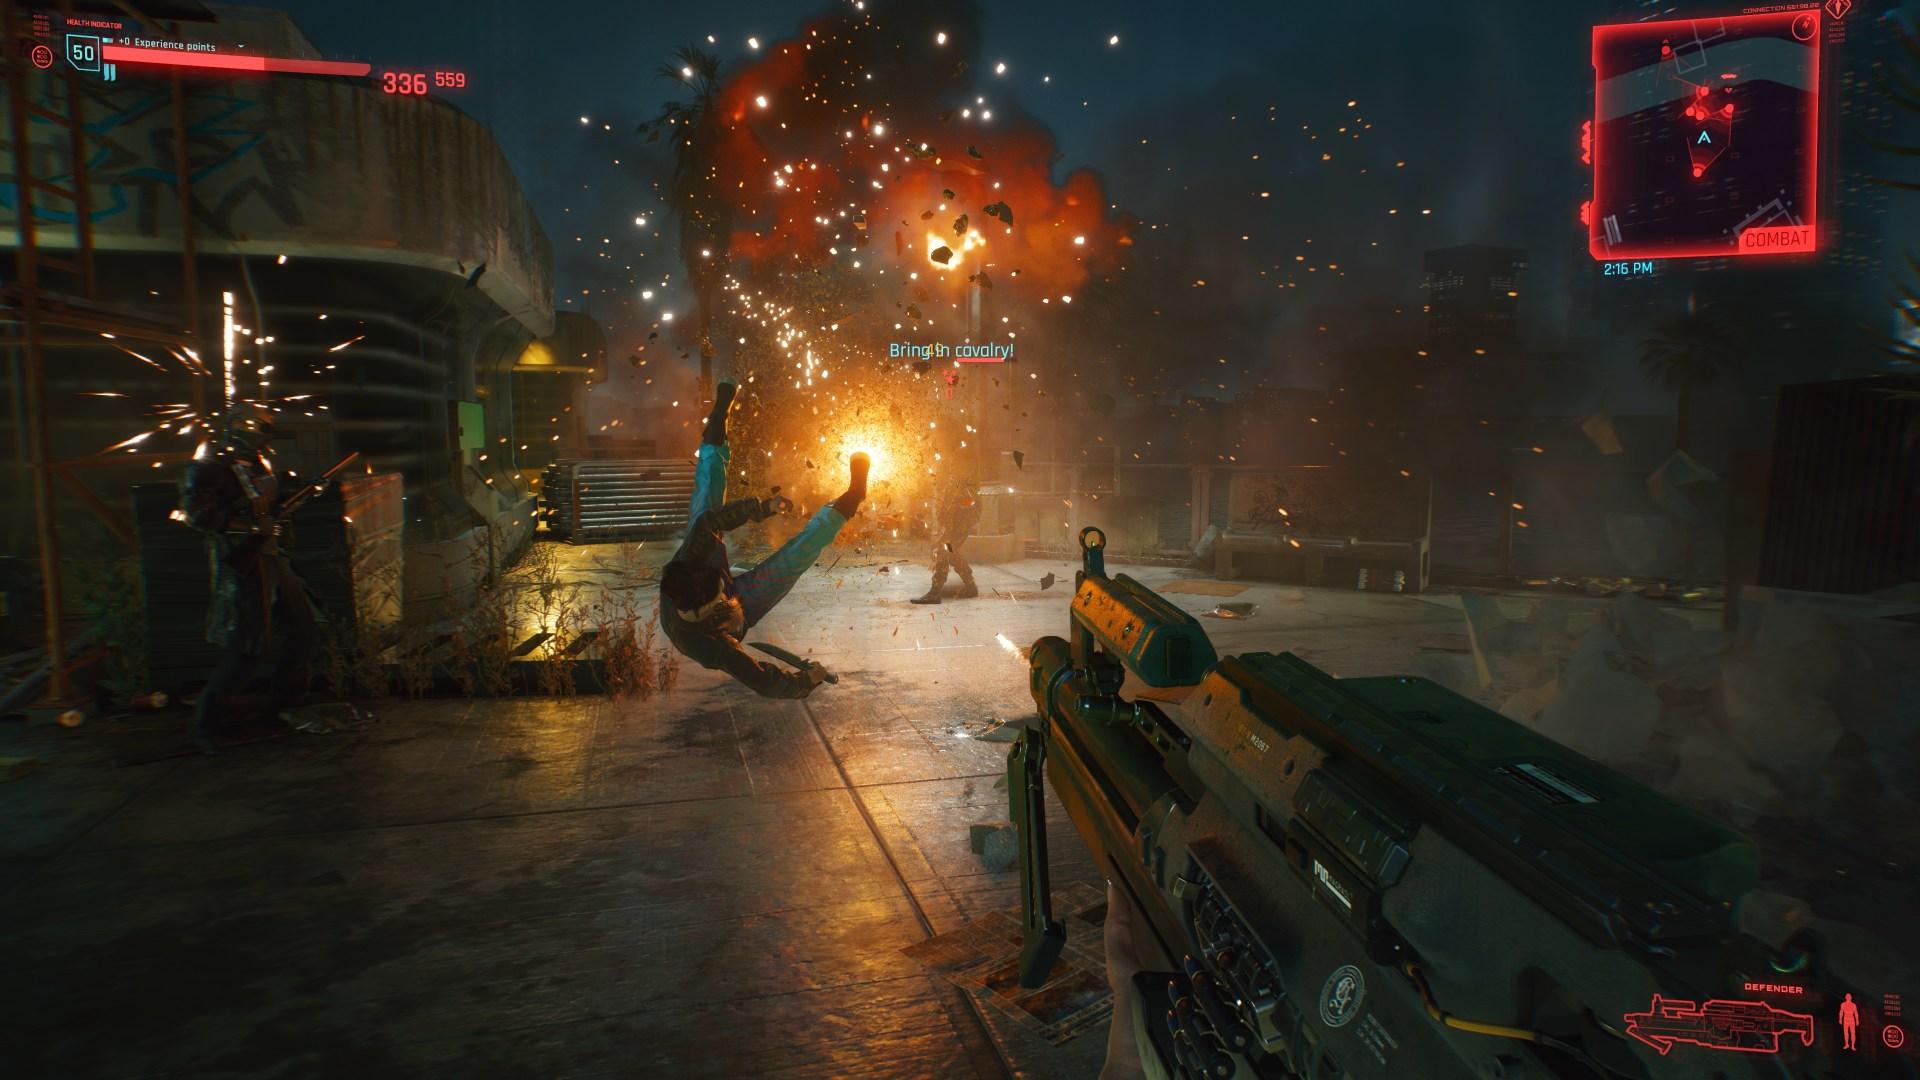 Cyberpunk 2077: Киану Ривз, брейнданс и свобода от гендерных предрассудков в главной игре года (фото 7)